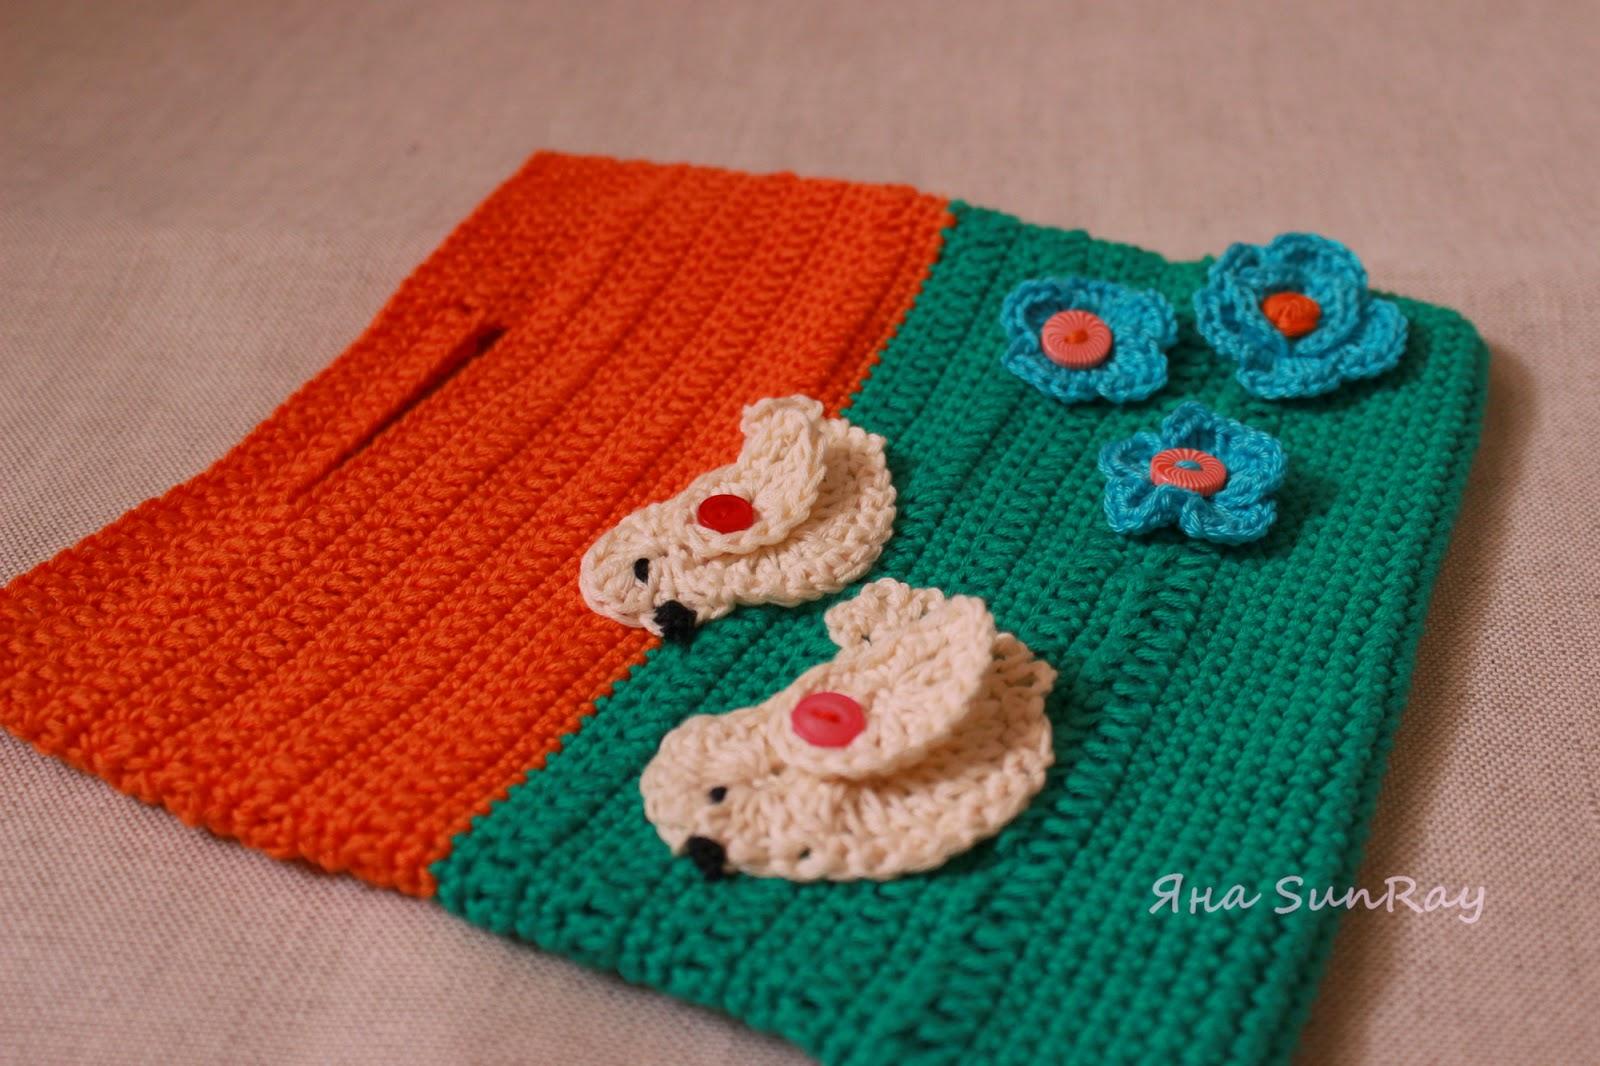 вязаная сумочка, яркая детская сумочка, настроение своими руками, красивая сумка, детская сумка с цветами, сумка с аппликацией,  вяжем детям